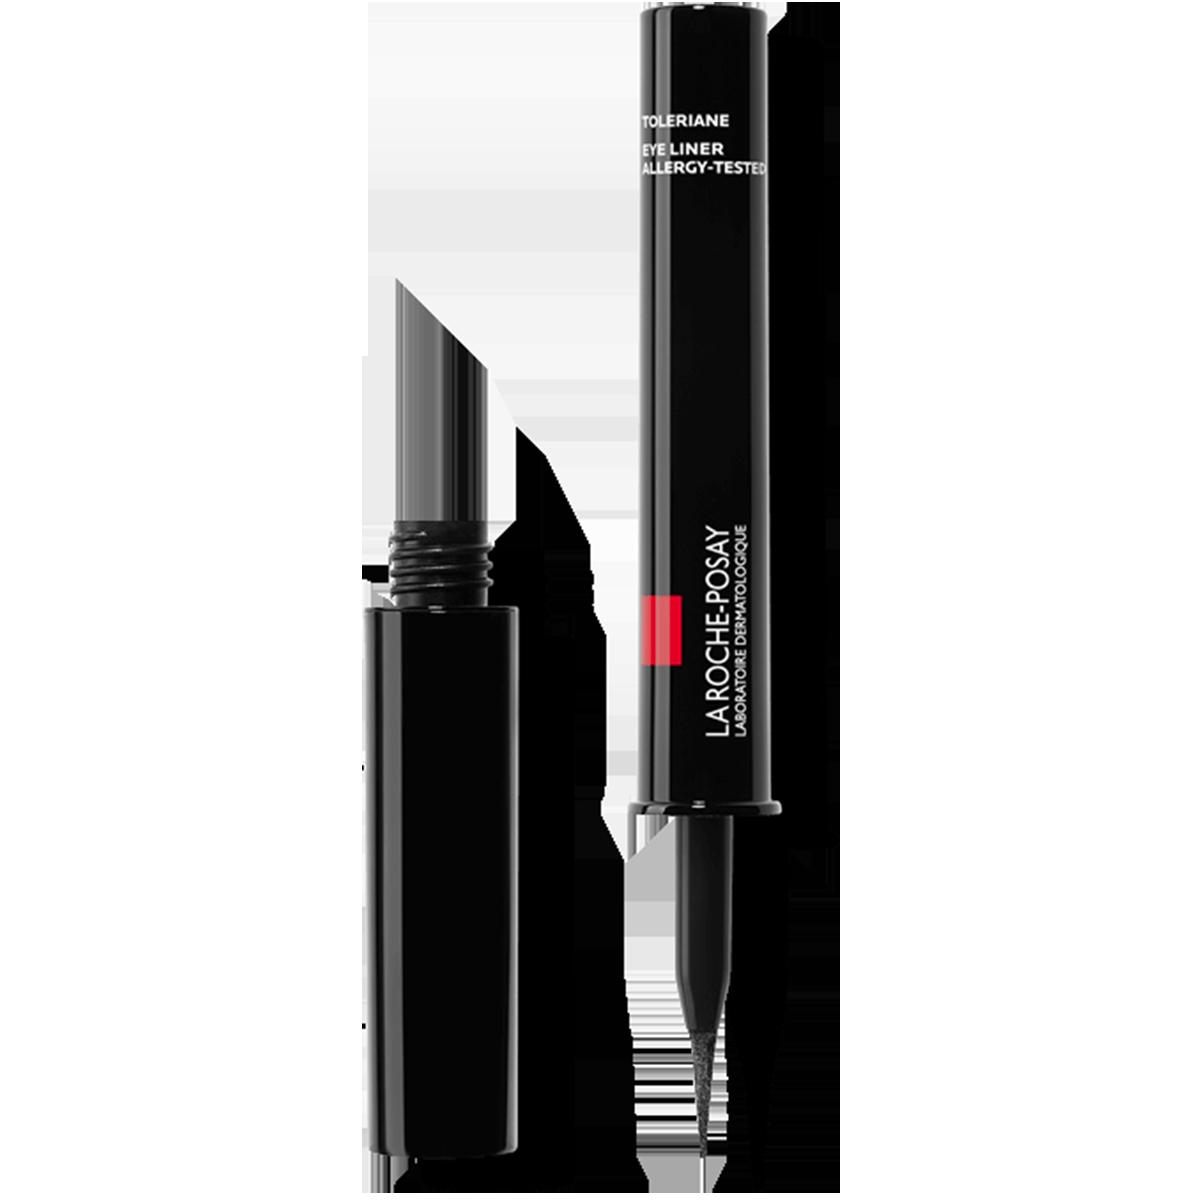 La Roche Posay Sensitiv Toleriane Makeup ØJELINER Sort 343342240304